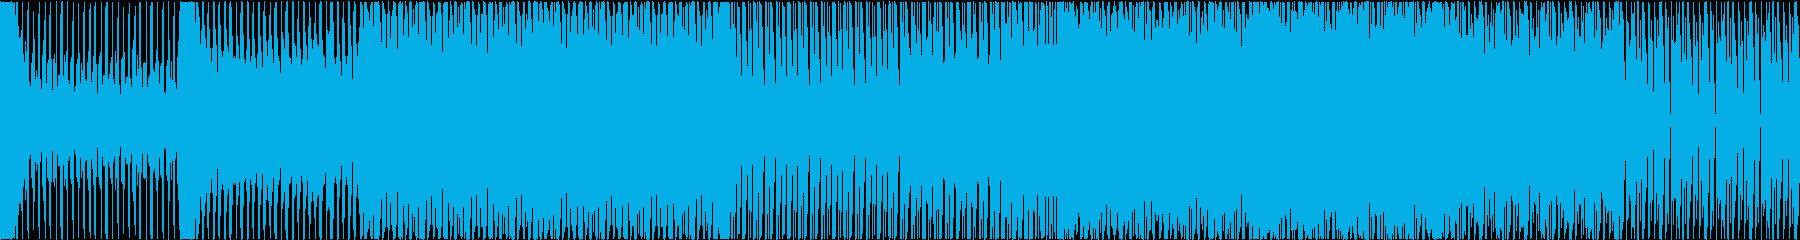 ニュース 事件 報道 混沌 暗い ダークの再生済みの波形